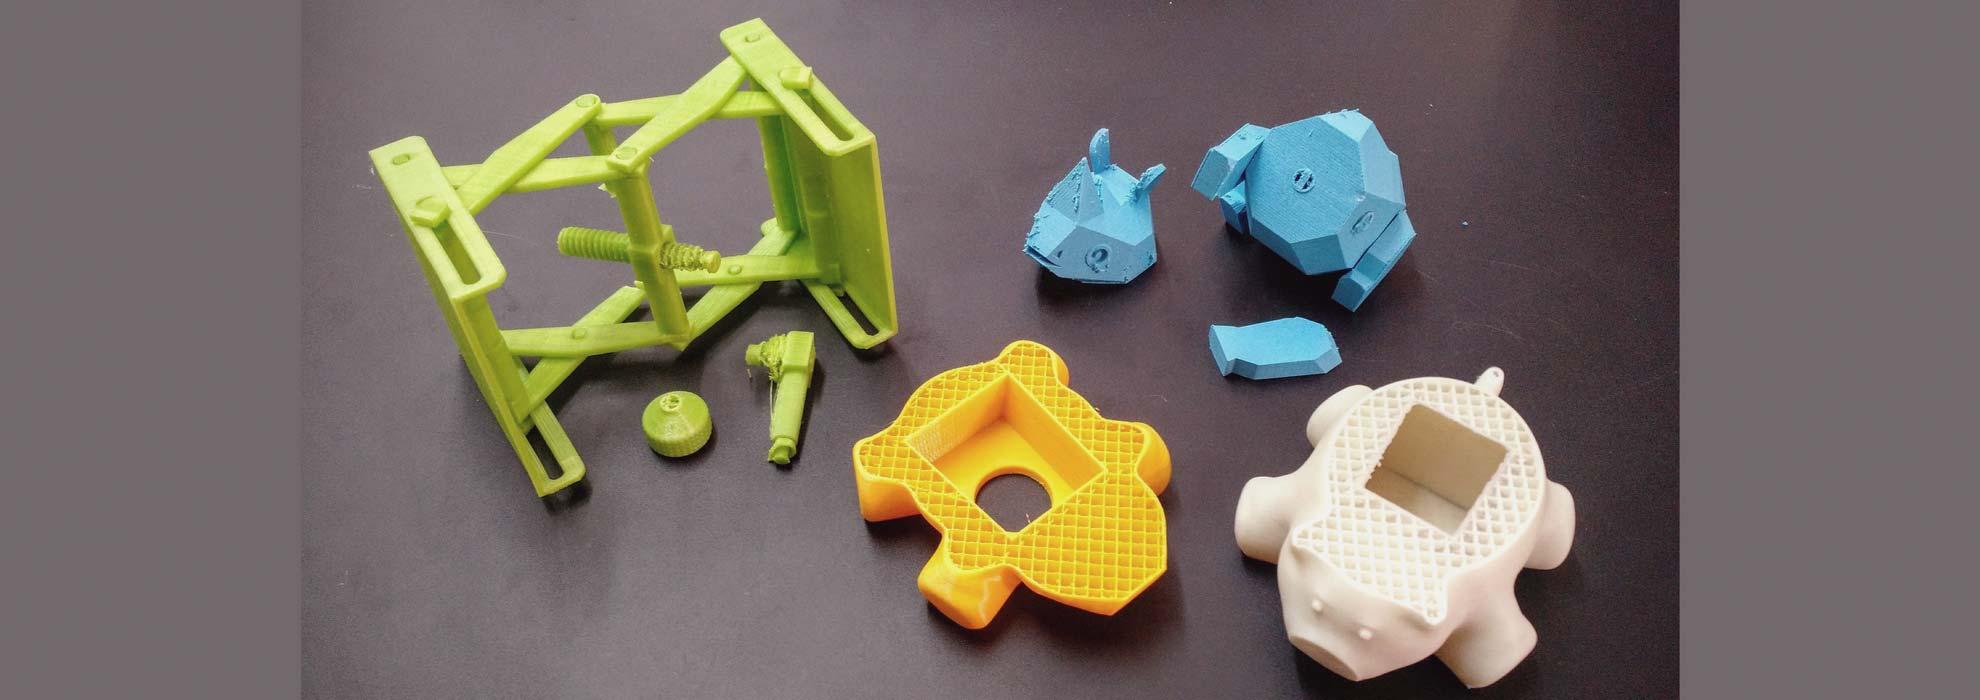 Игрушки из составных деталей